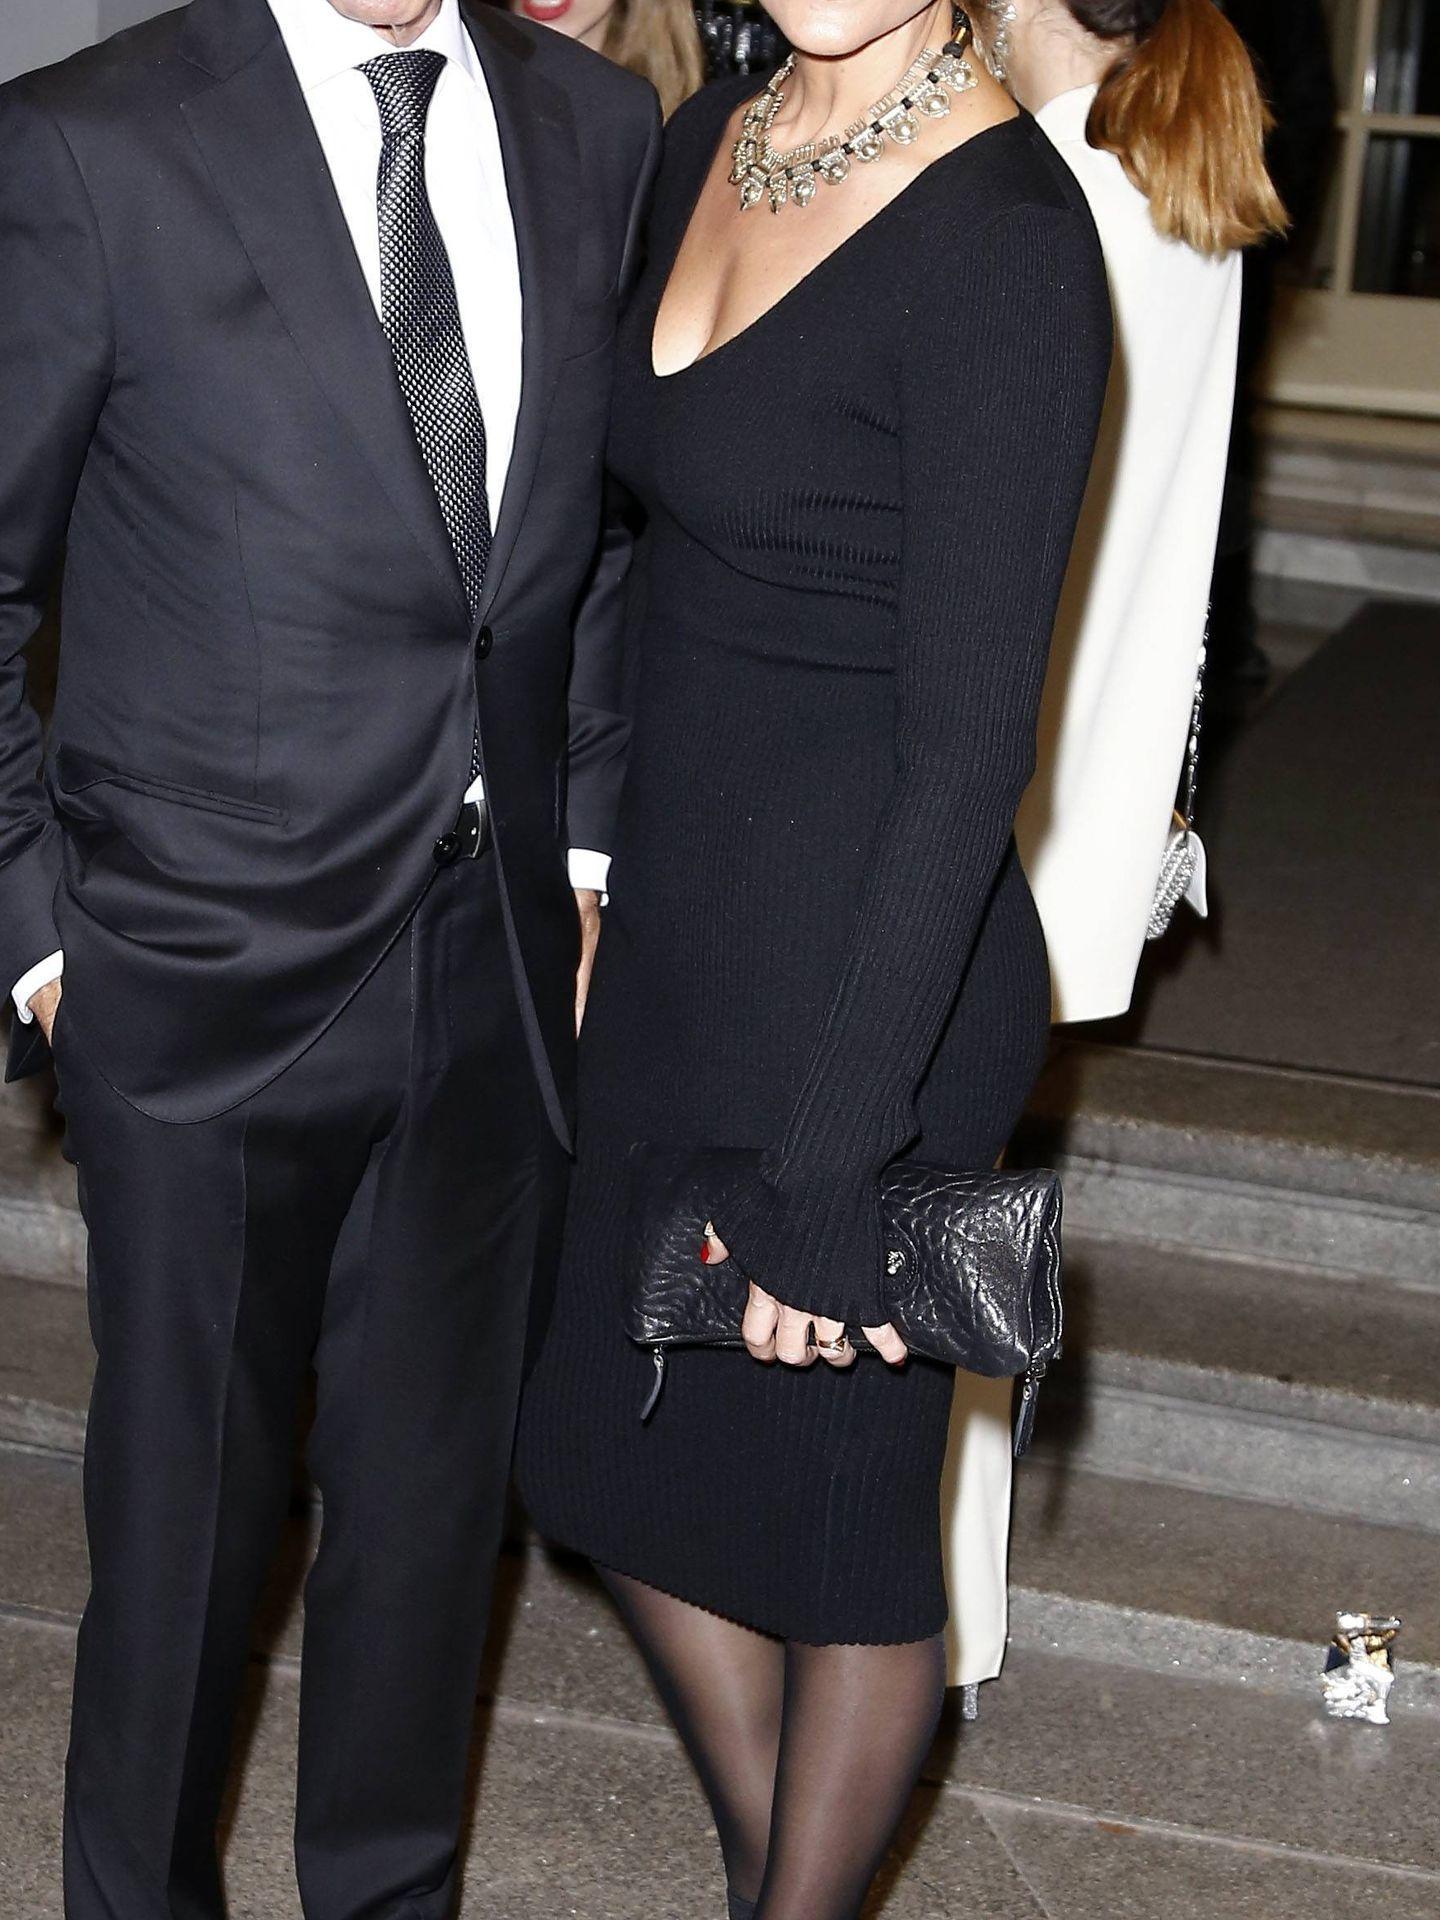 Imanol Arias e Irene Meritxell, en los Premios GQ. (Cordon Press)